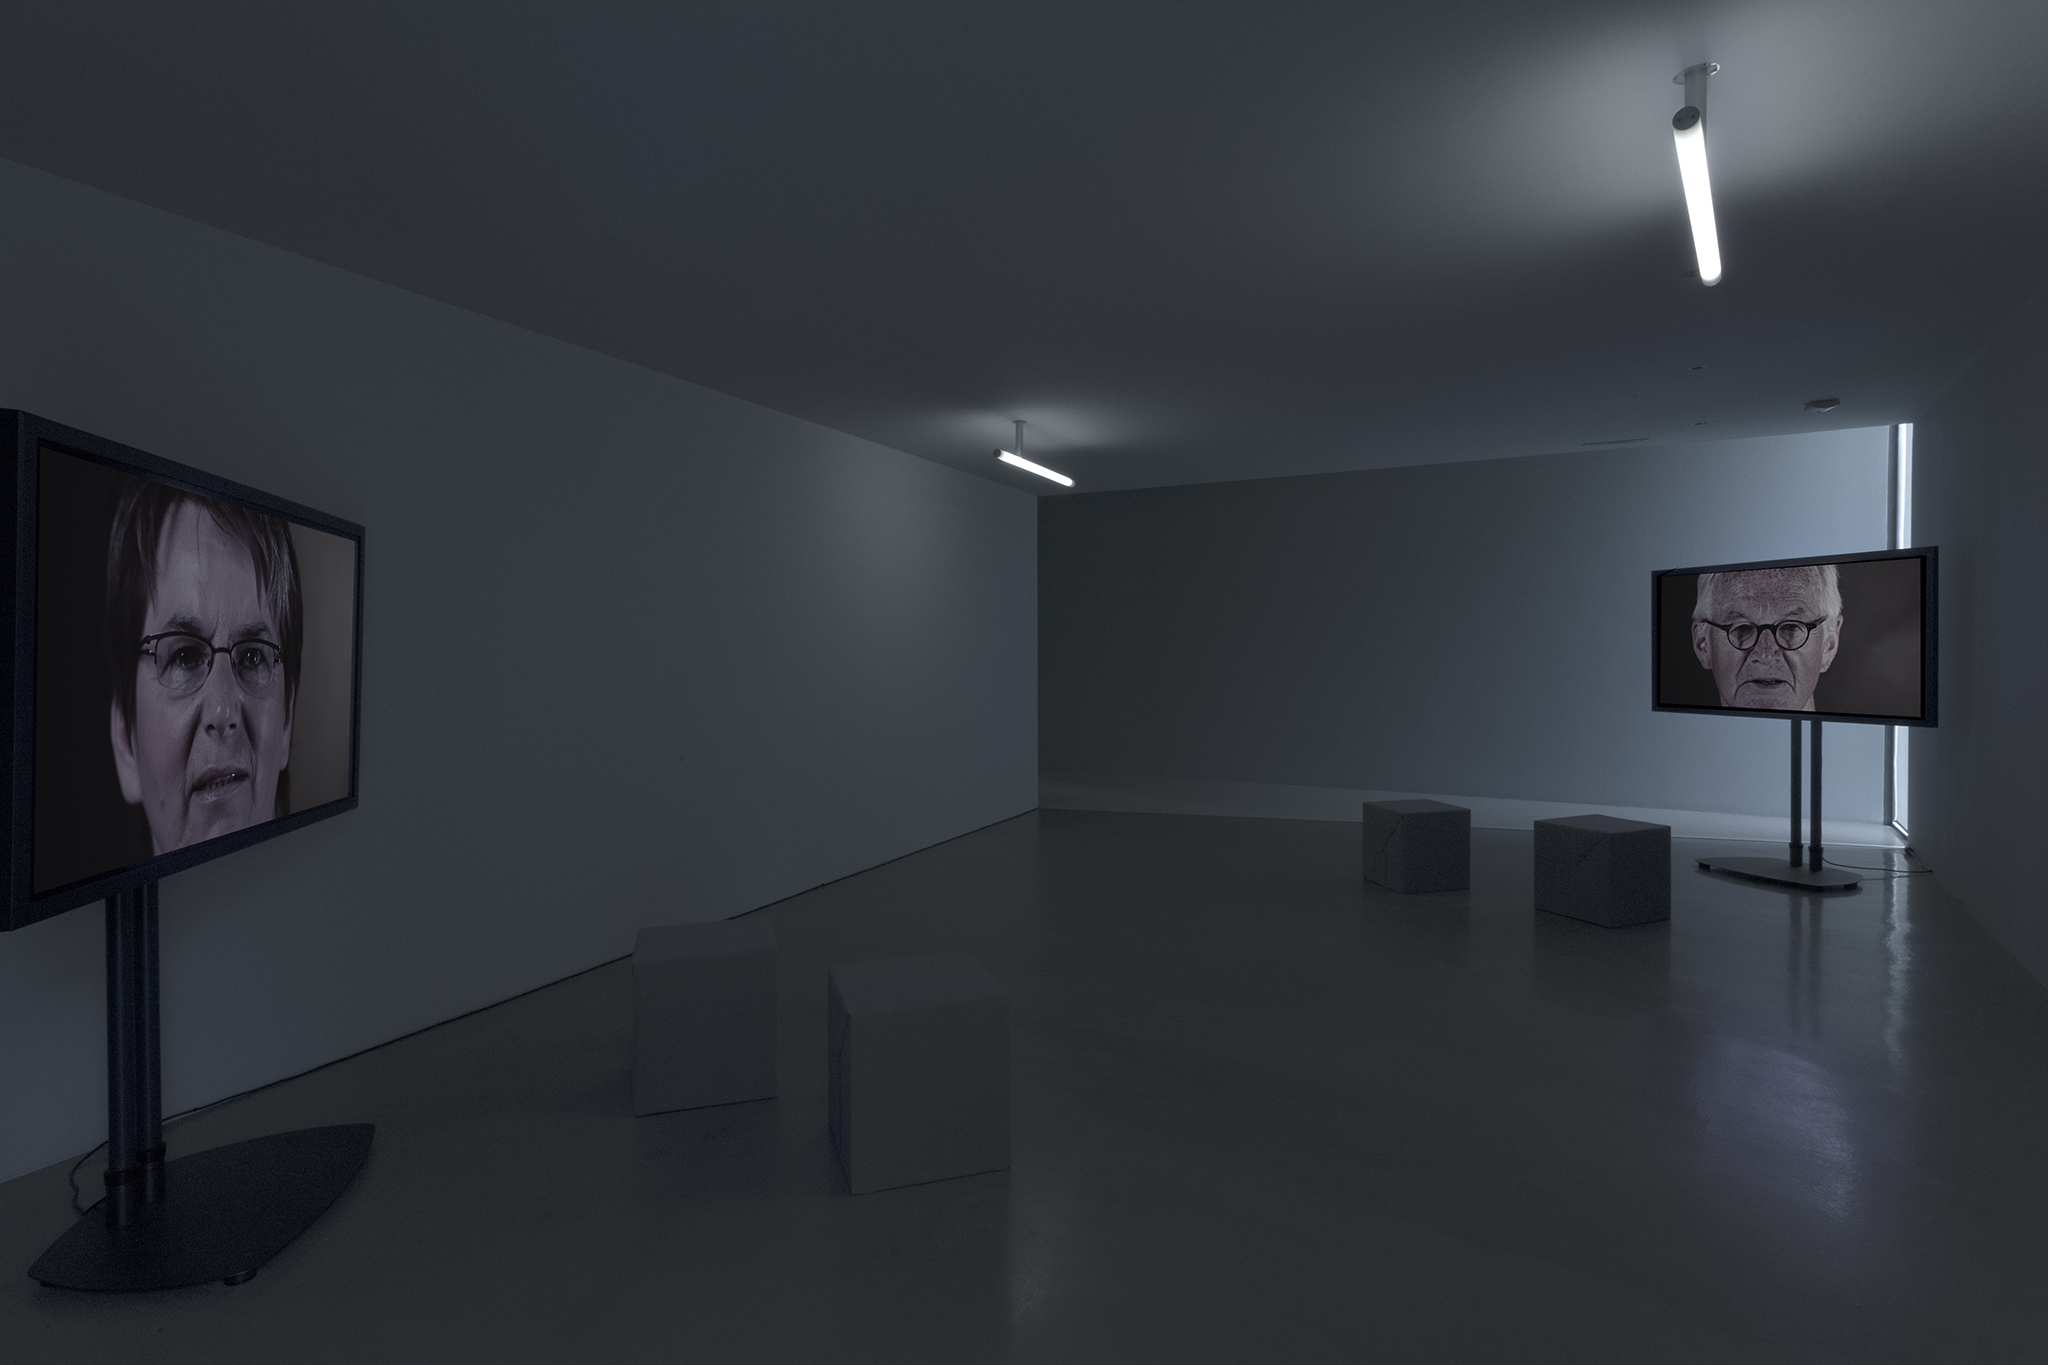 Ausstellungsansicht GfZK Galerie für Zeitgenössische Kunst | Museum of Contemporary Art Leipzig, 2016